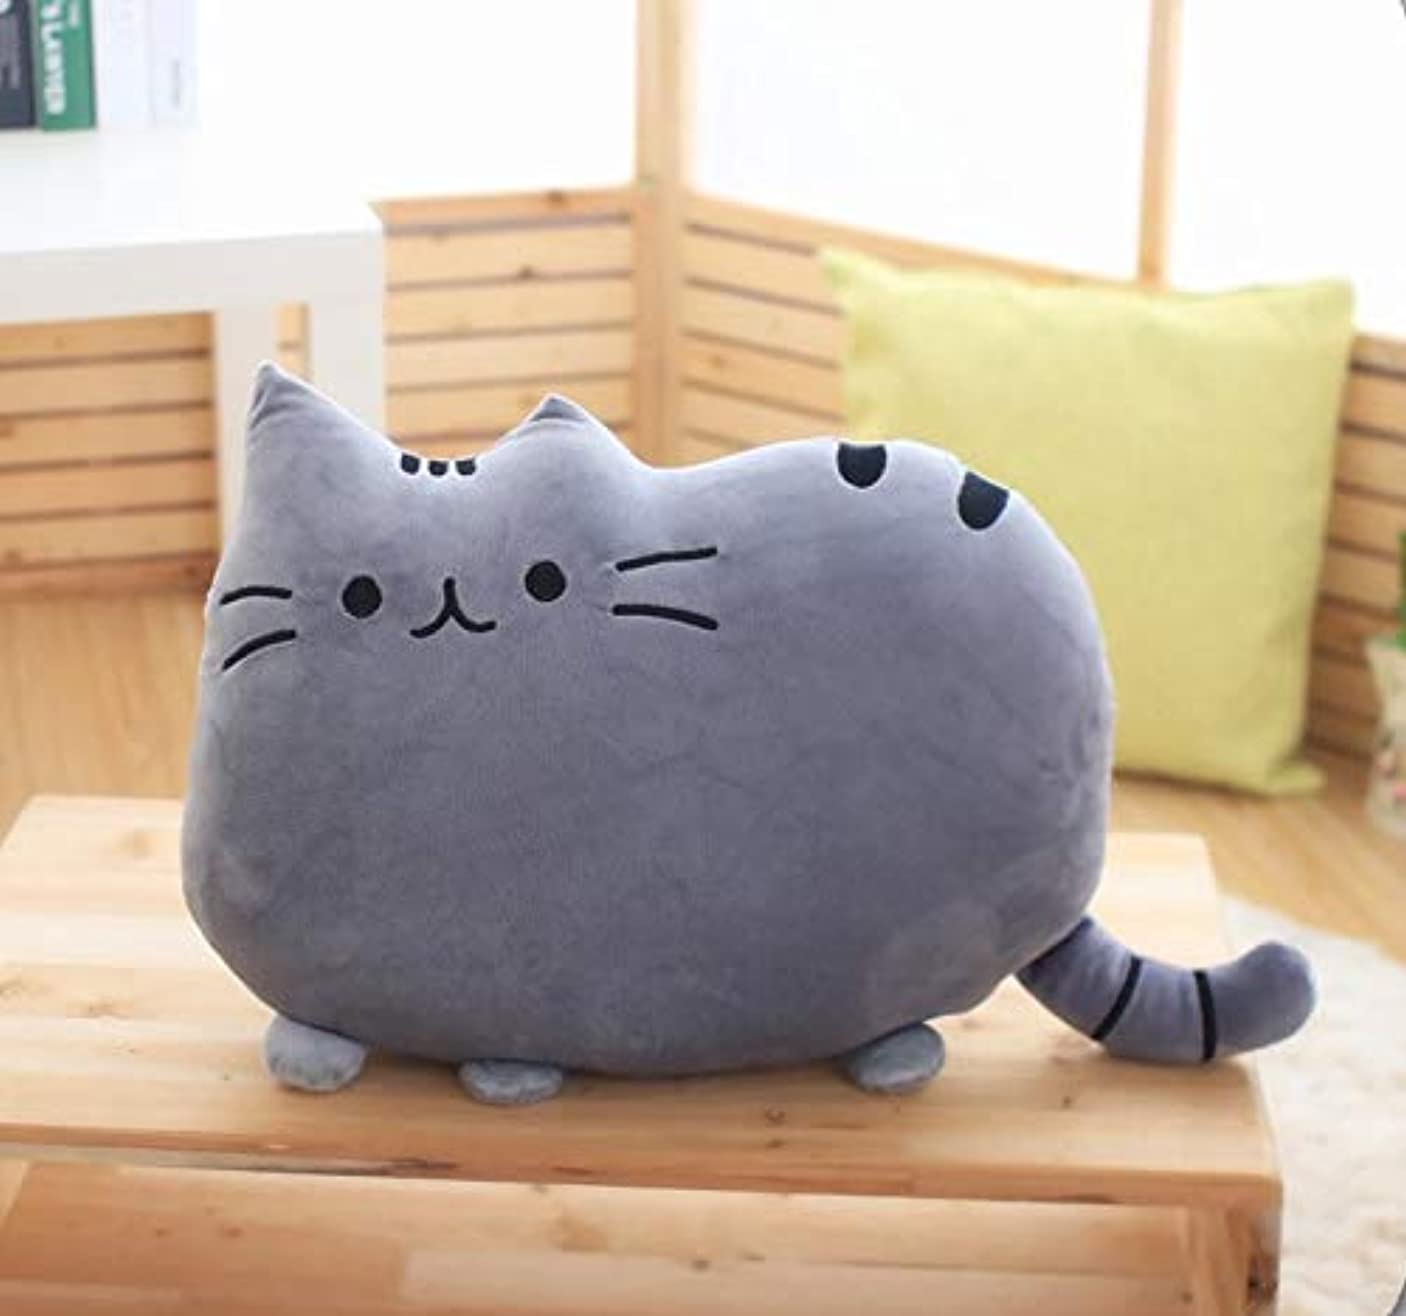 窒素光肌寒いLIFE8 色かわいい脂肪猫ベビーぬいぐるみ 20/40 センチメートル枕人形子供のための高品質ソフトクッション綿 Brinquedos 子供のためのギフトクッション 椅子